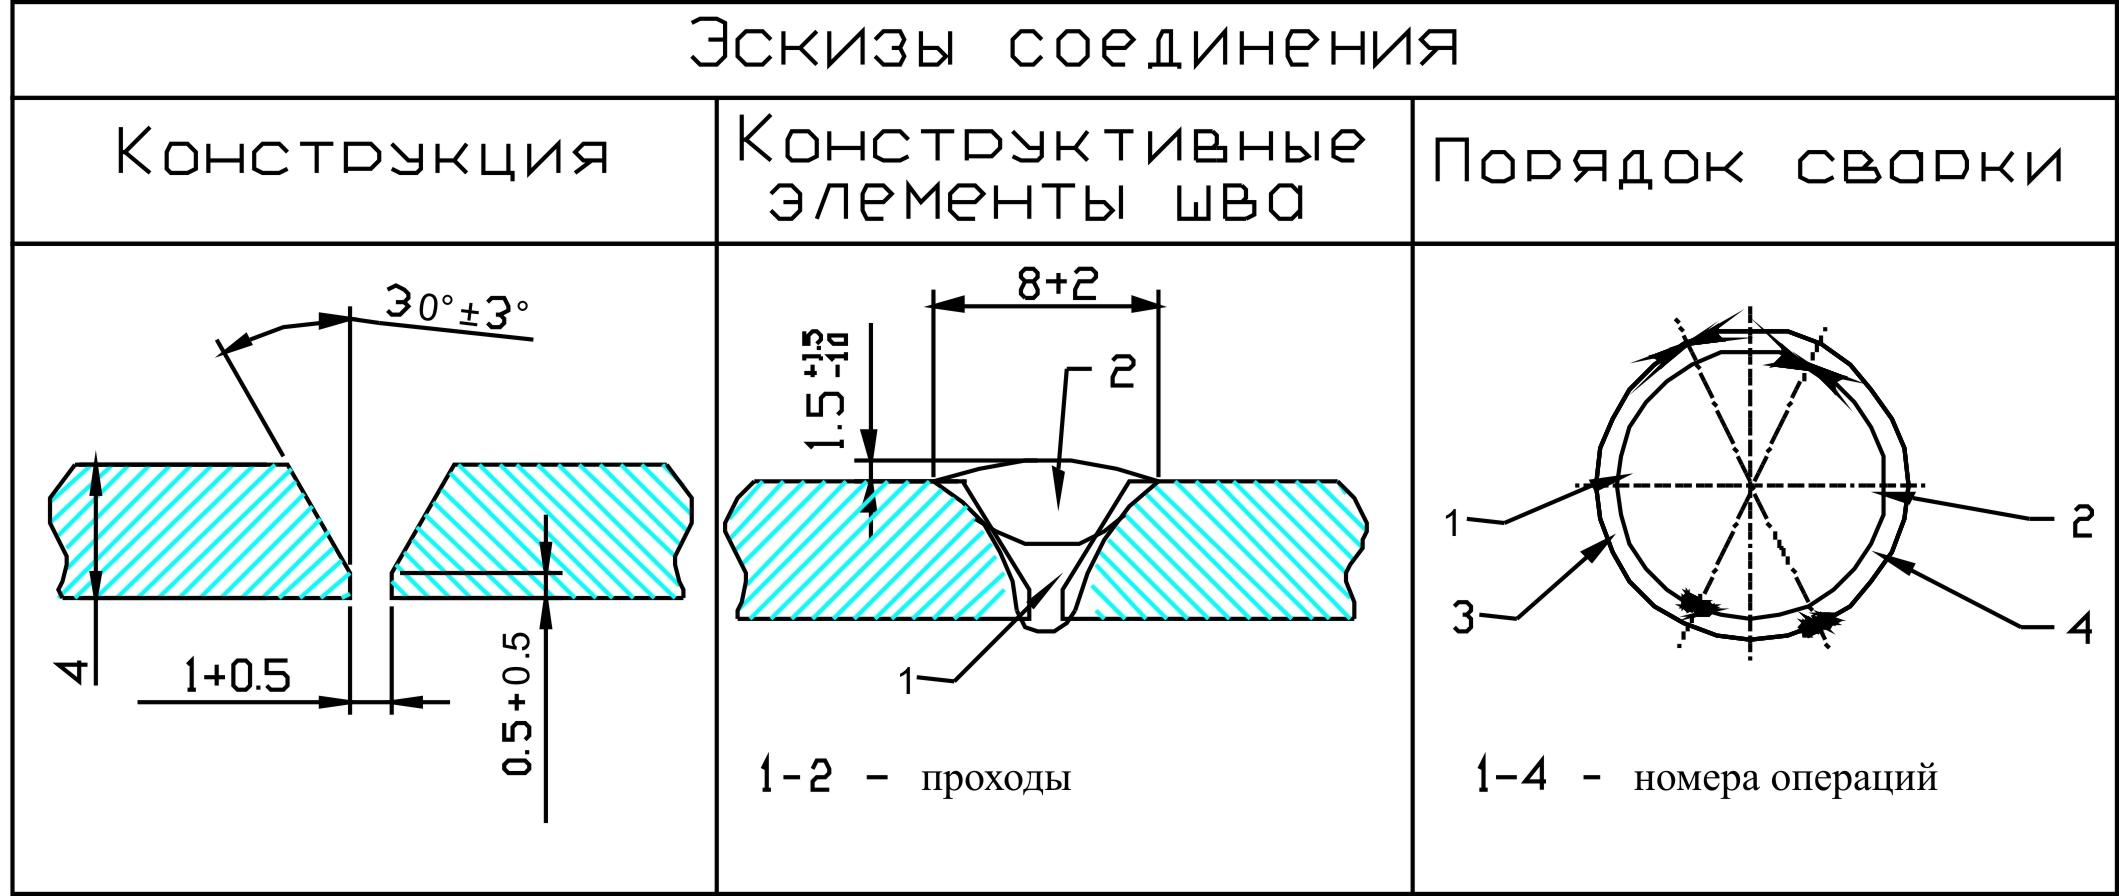 инструкционная карта газовая сварка